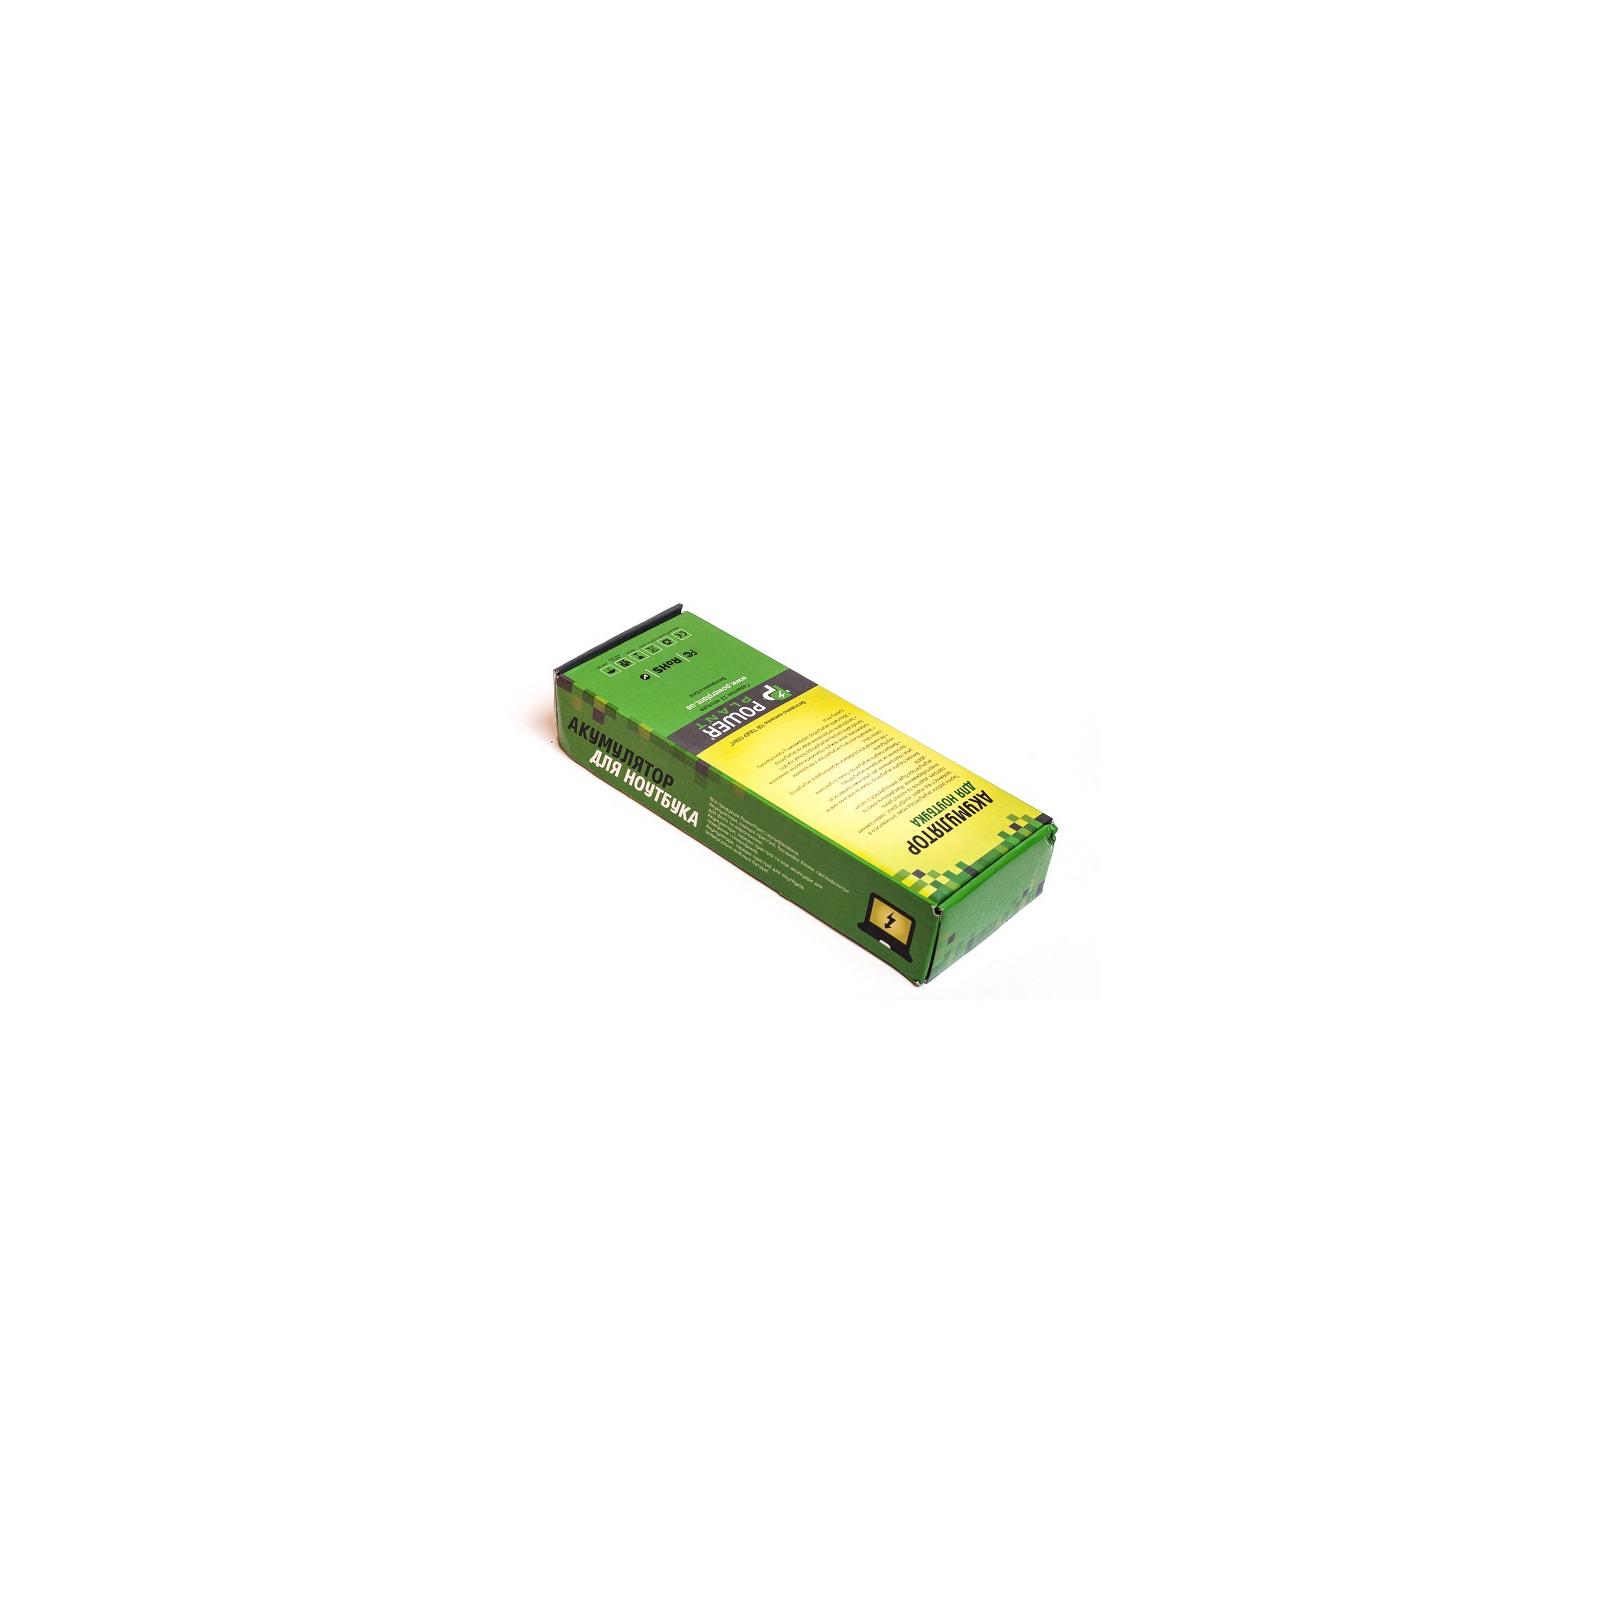 Аккумулятор для ноутбука ASUS A9T (SQU-503, BQU528LH) 11.1V 5200mAh PowerPlant (NB00000107) изображение 2